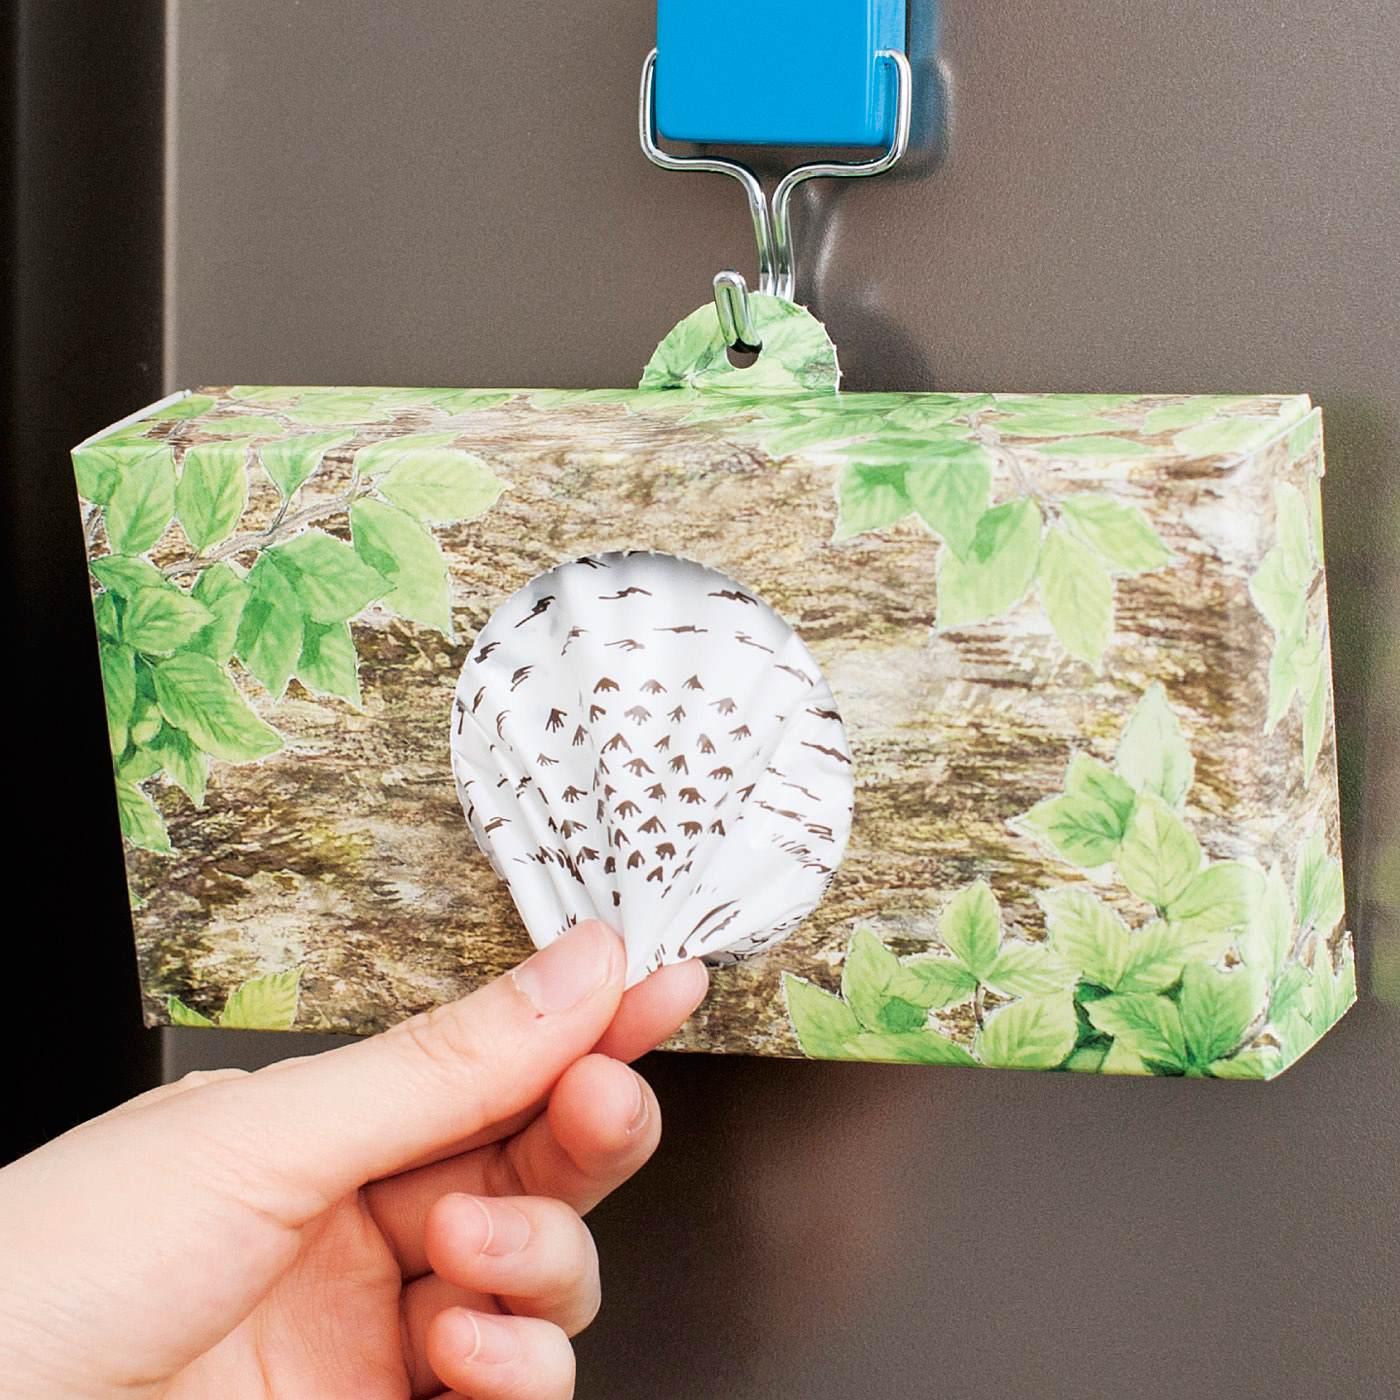 サッと取り出しやすい巣穴風デザイン。冷蔵庫やかべにスタンバイして。